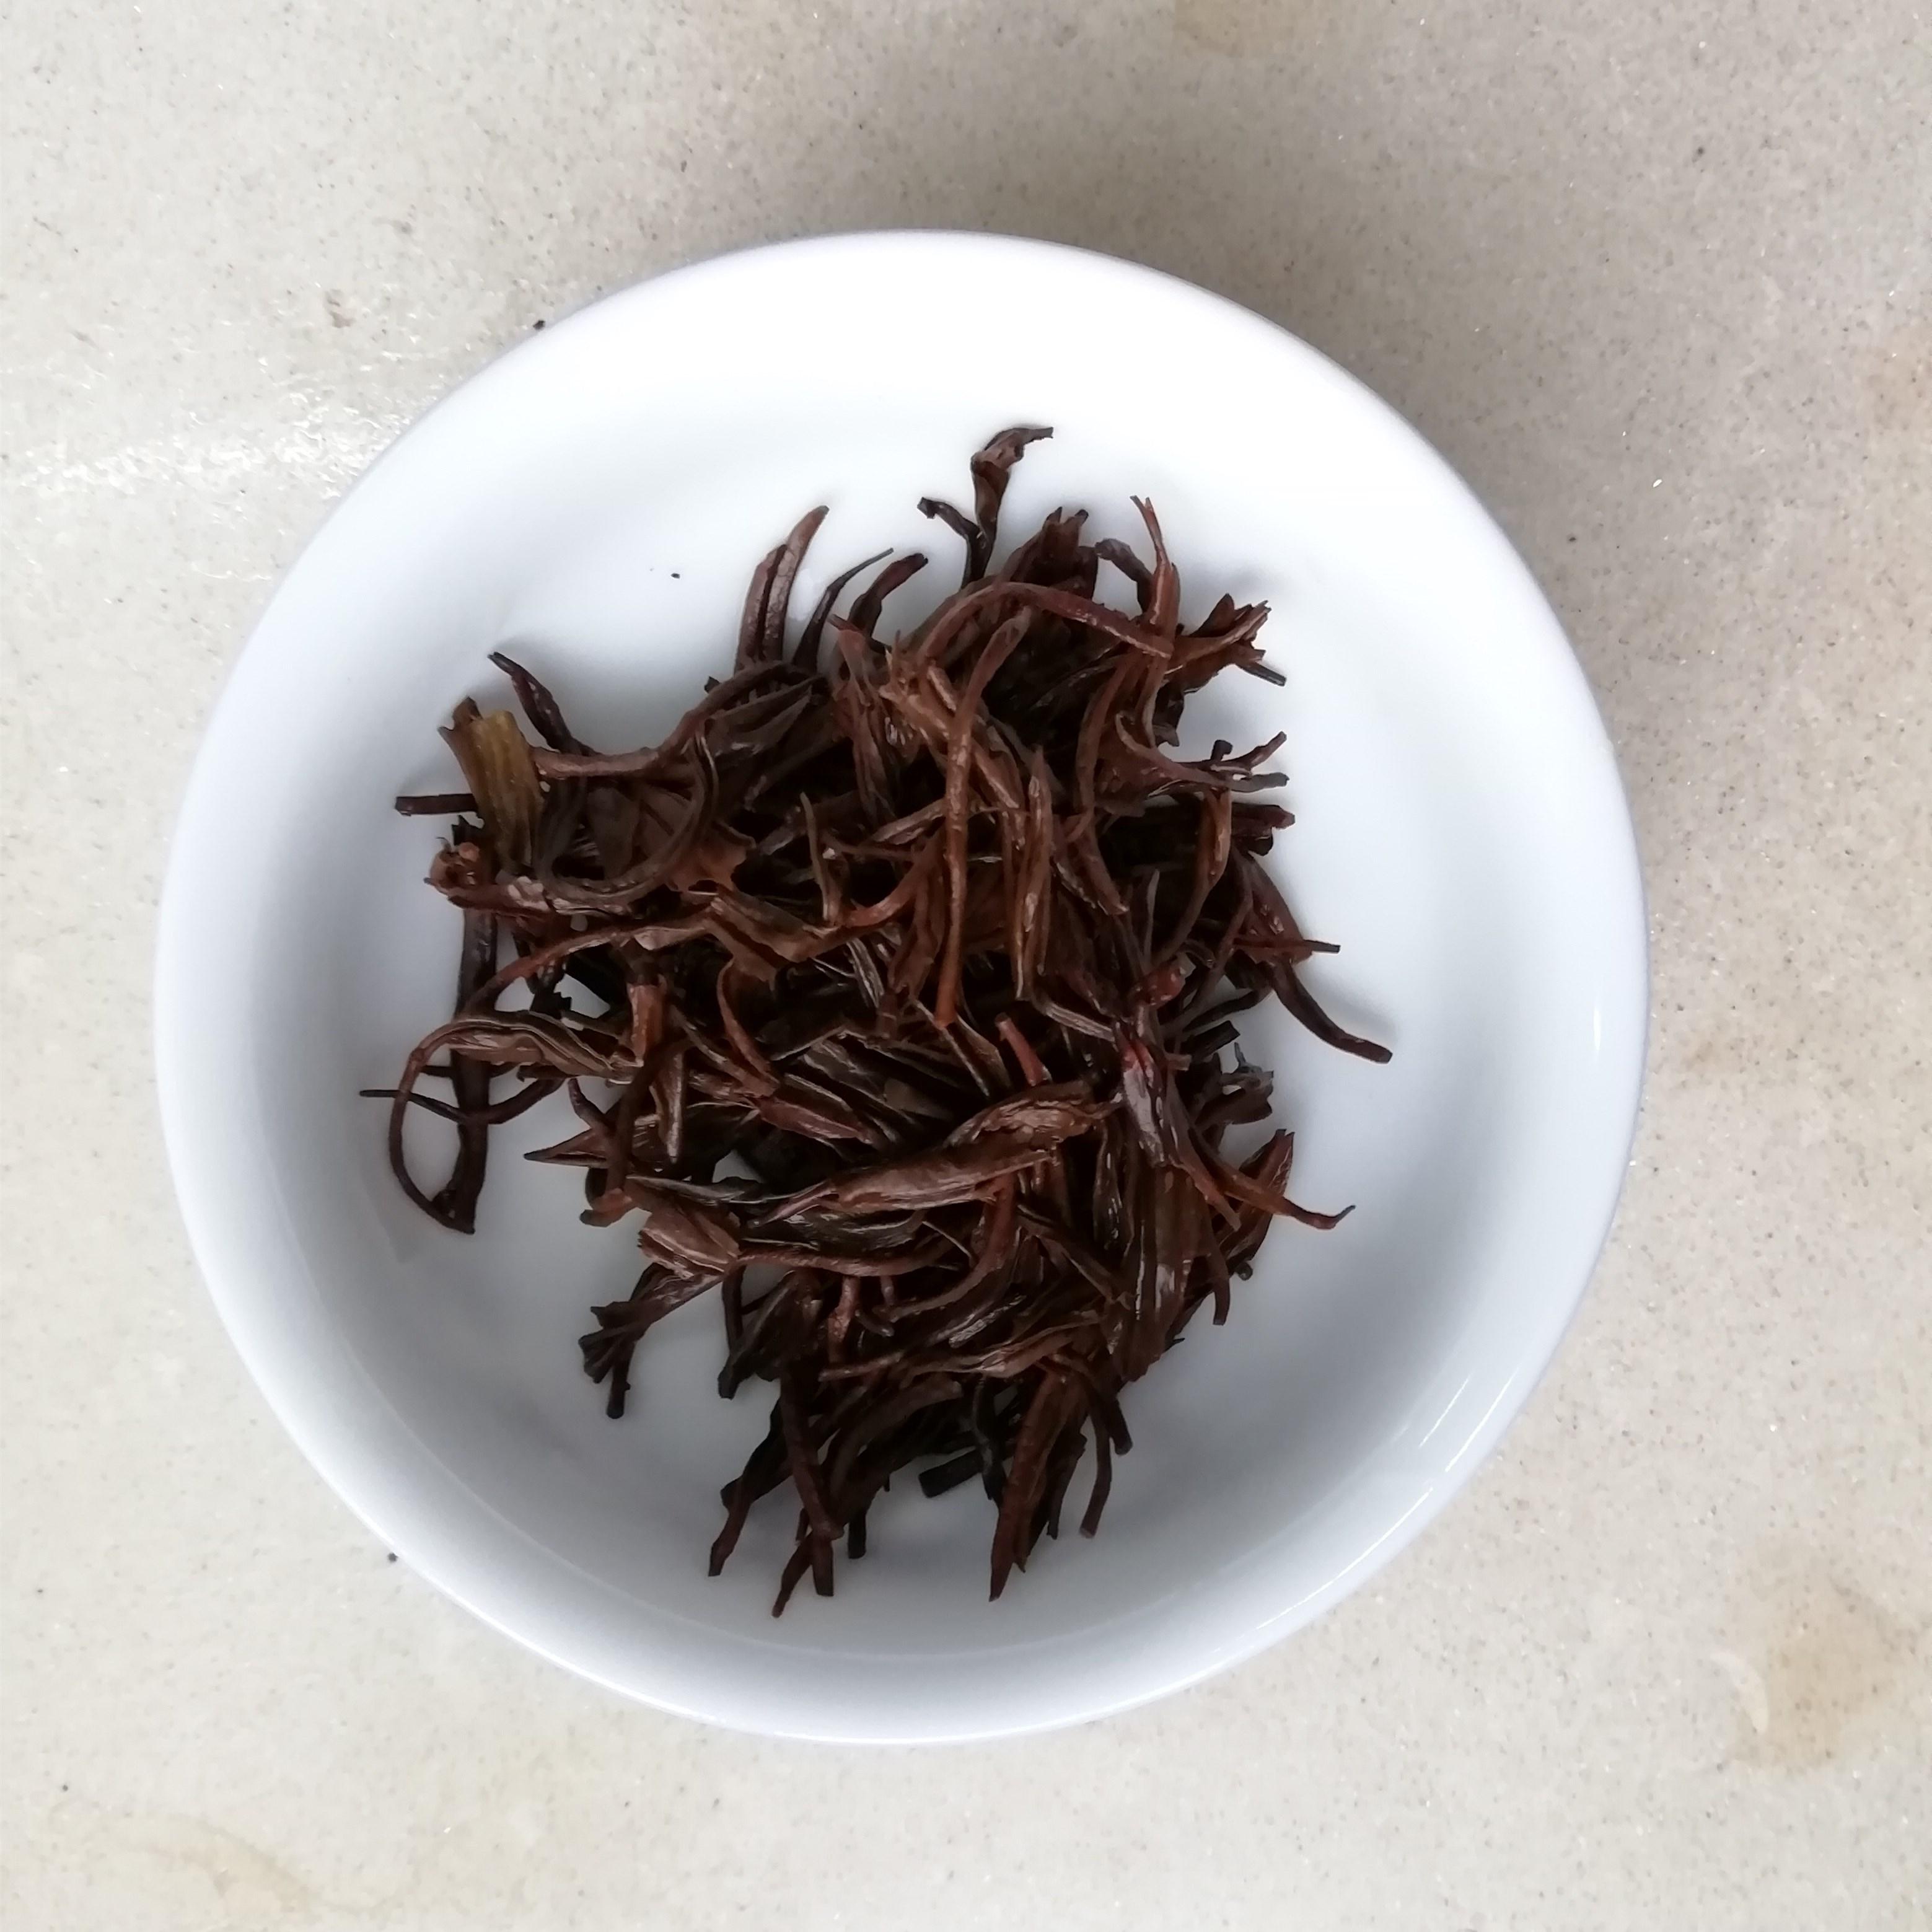 Famous Keemun Black tea from Huangshan Chinese 100% natural black tea leaves - 4uTea | 4uTea.com